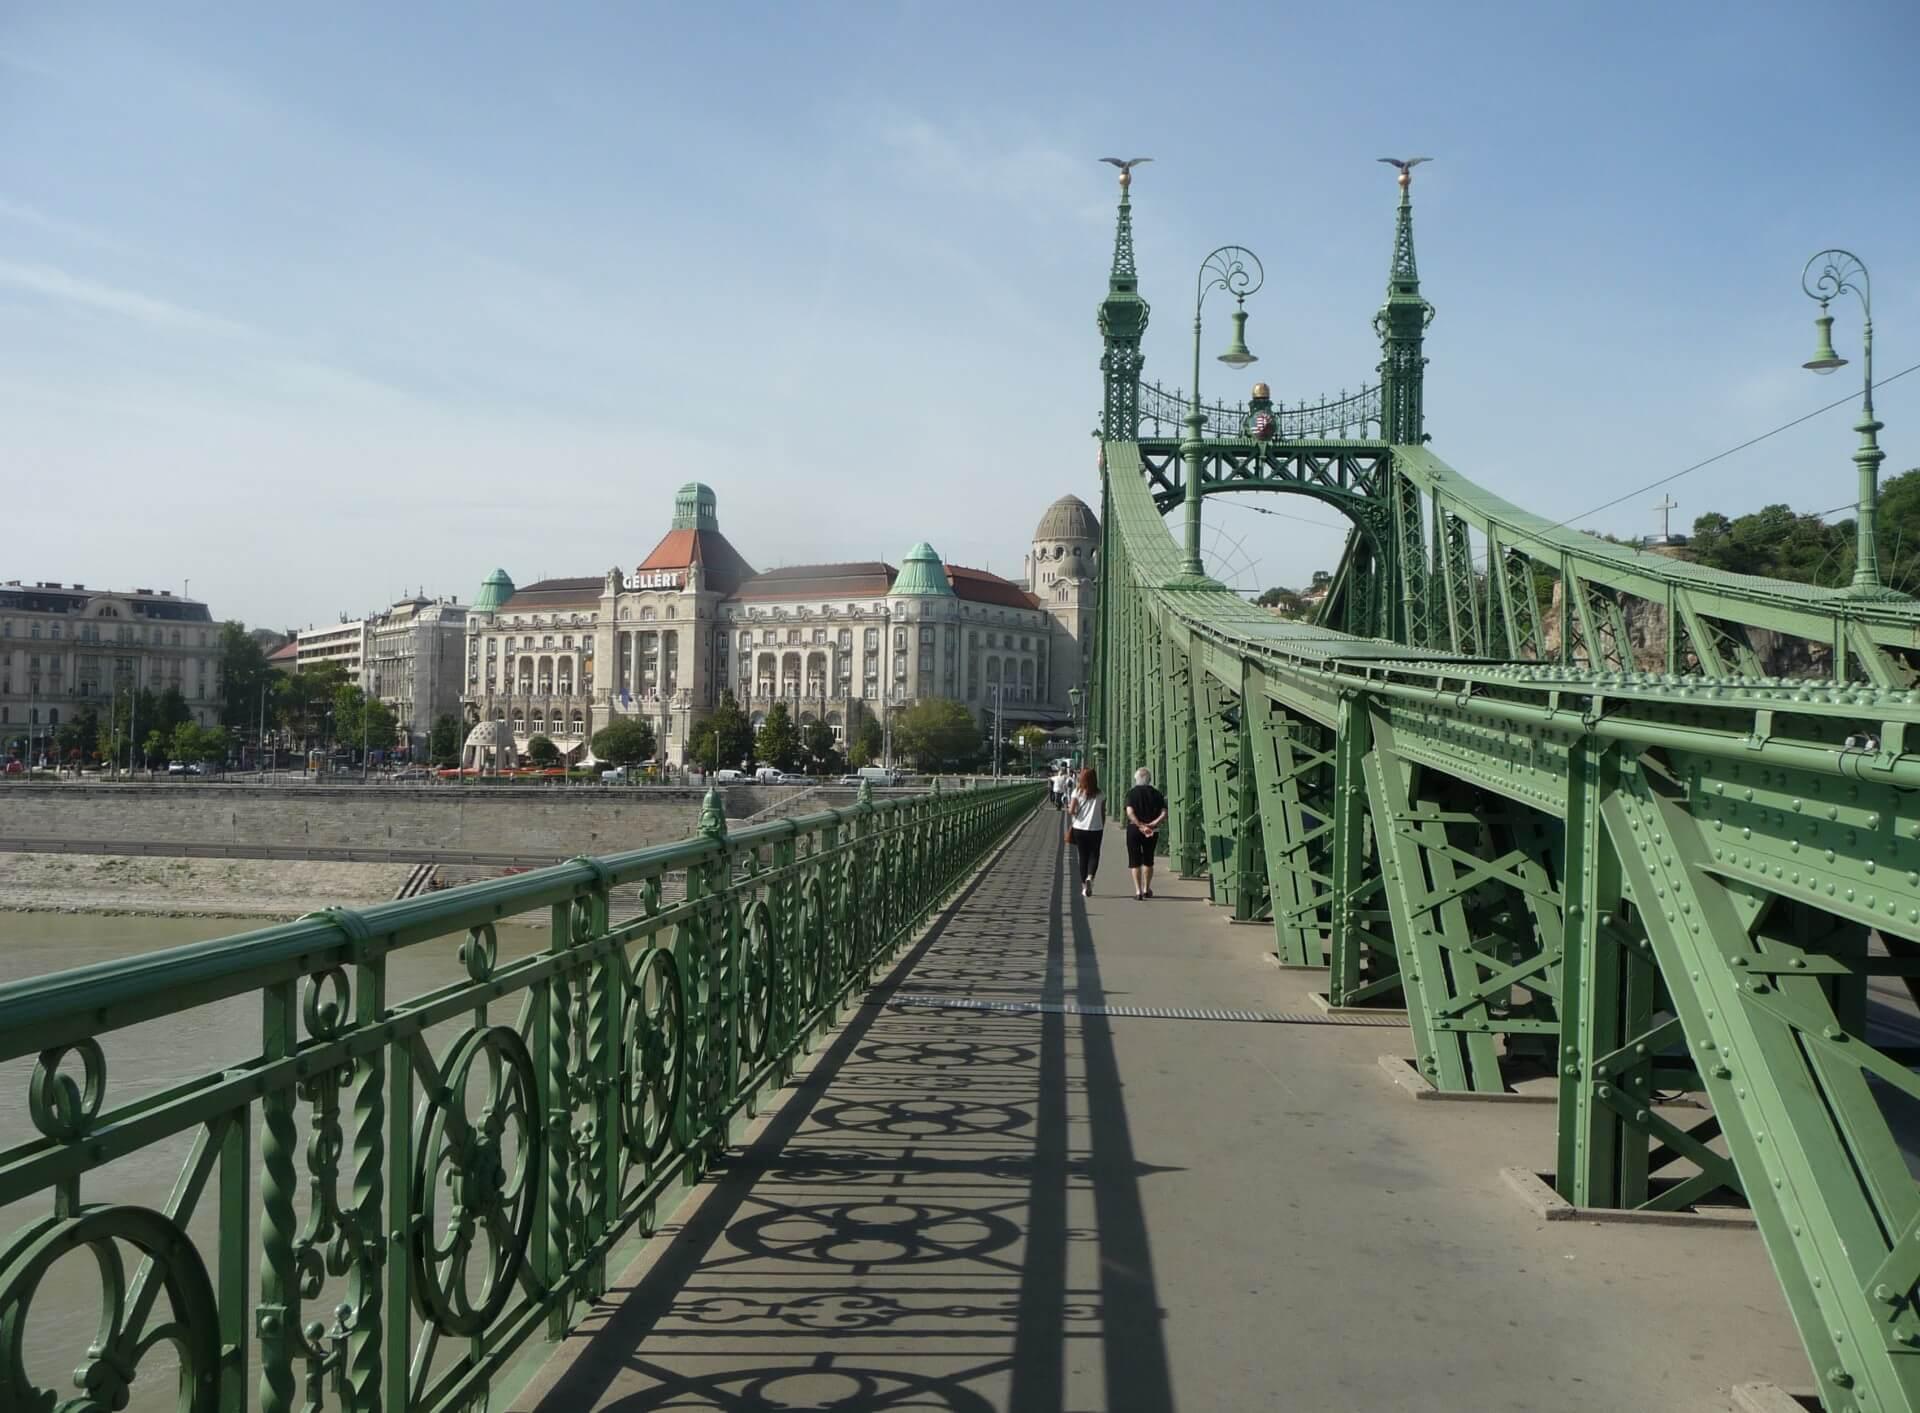 Hotel Gellért von der Freiheitsbrücke aus